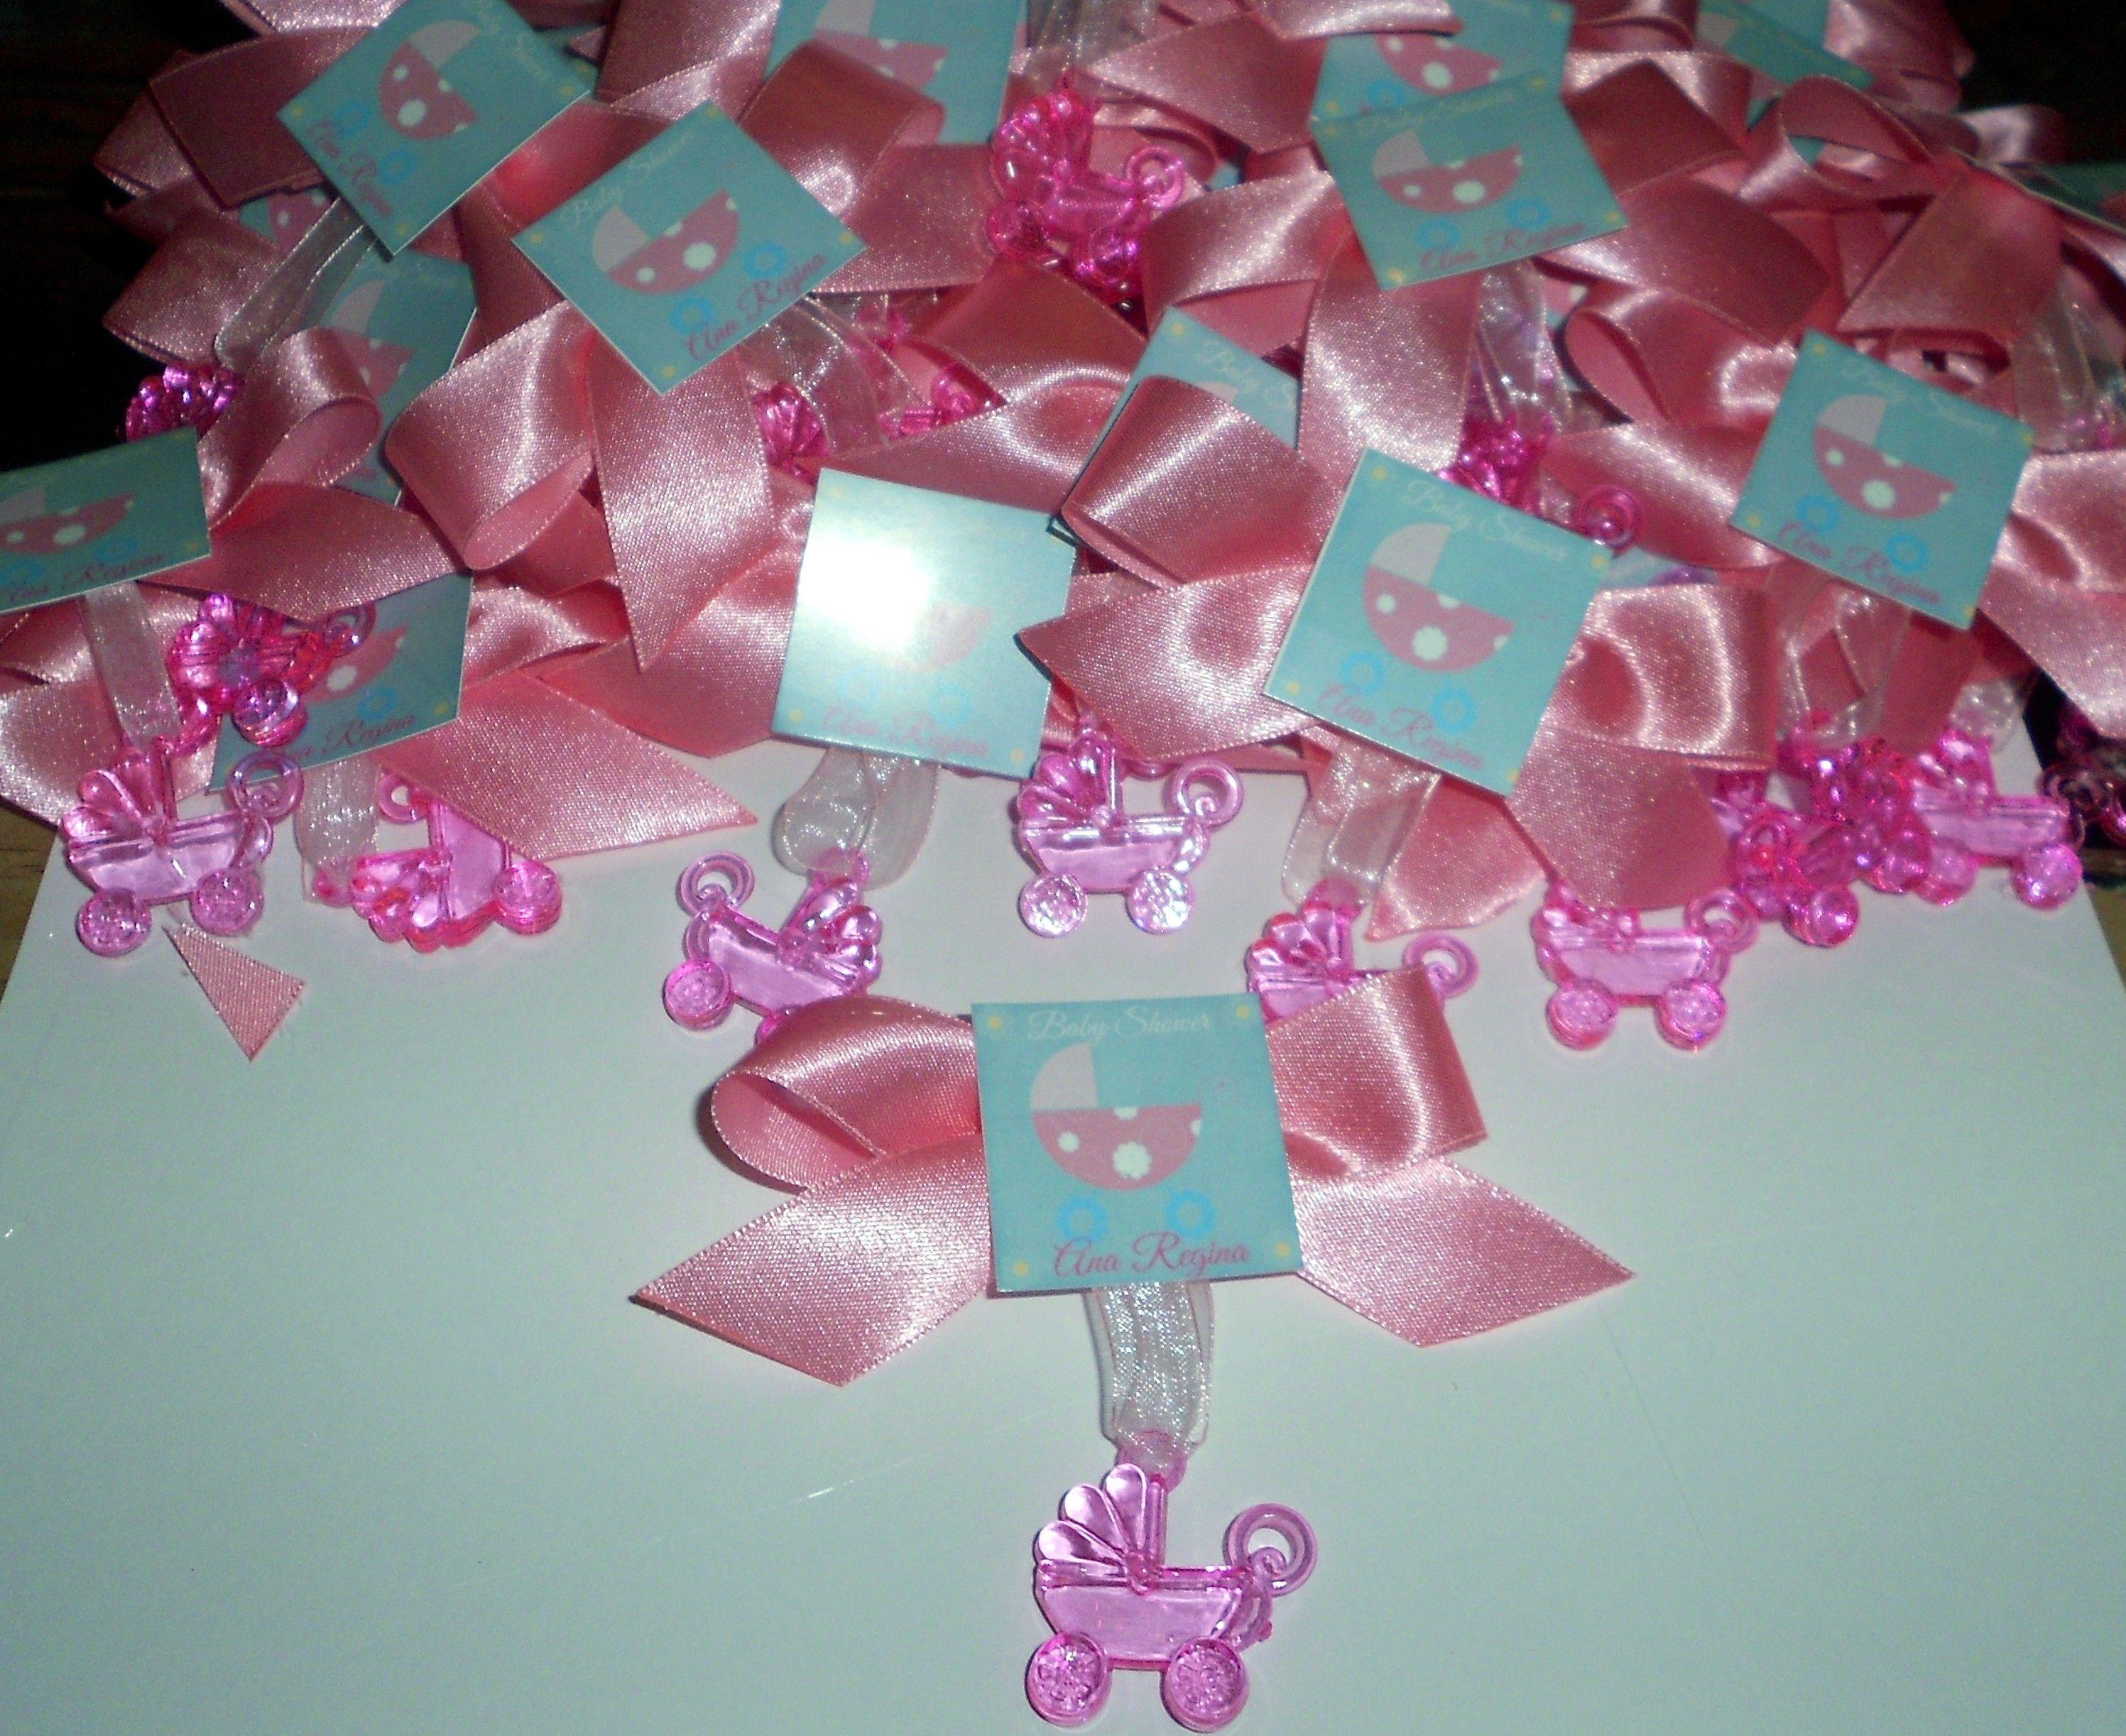 distintivos para baby shower personalizados con el tema de carreolas